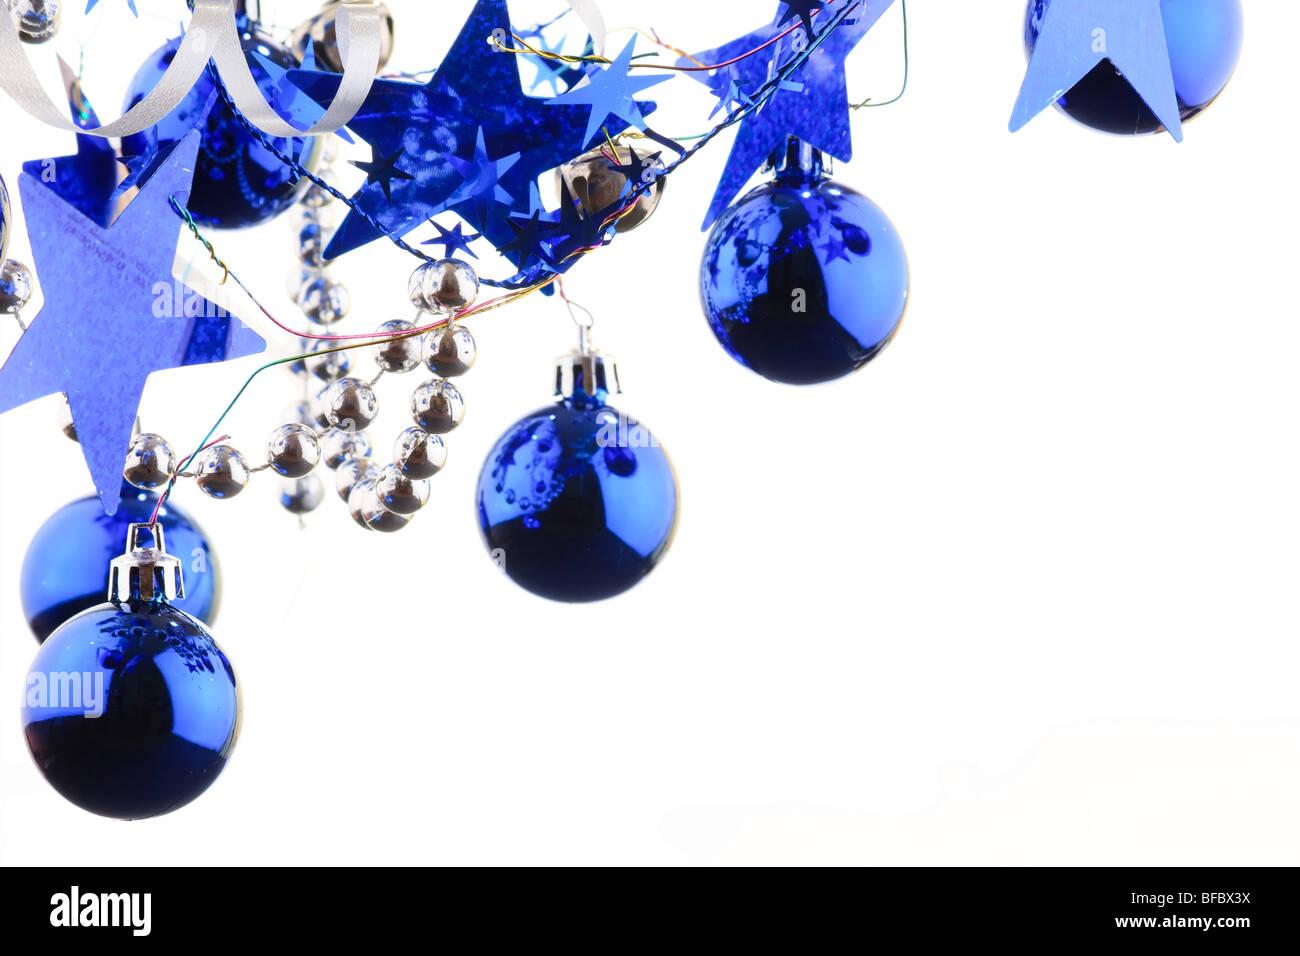 Christmas blue balls - Stock Image